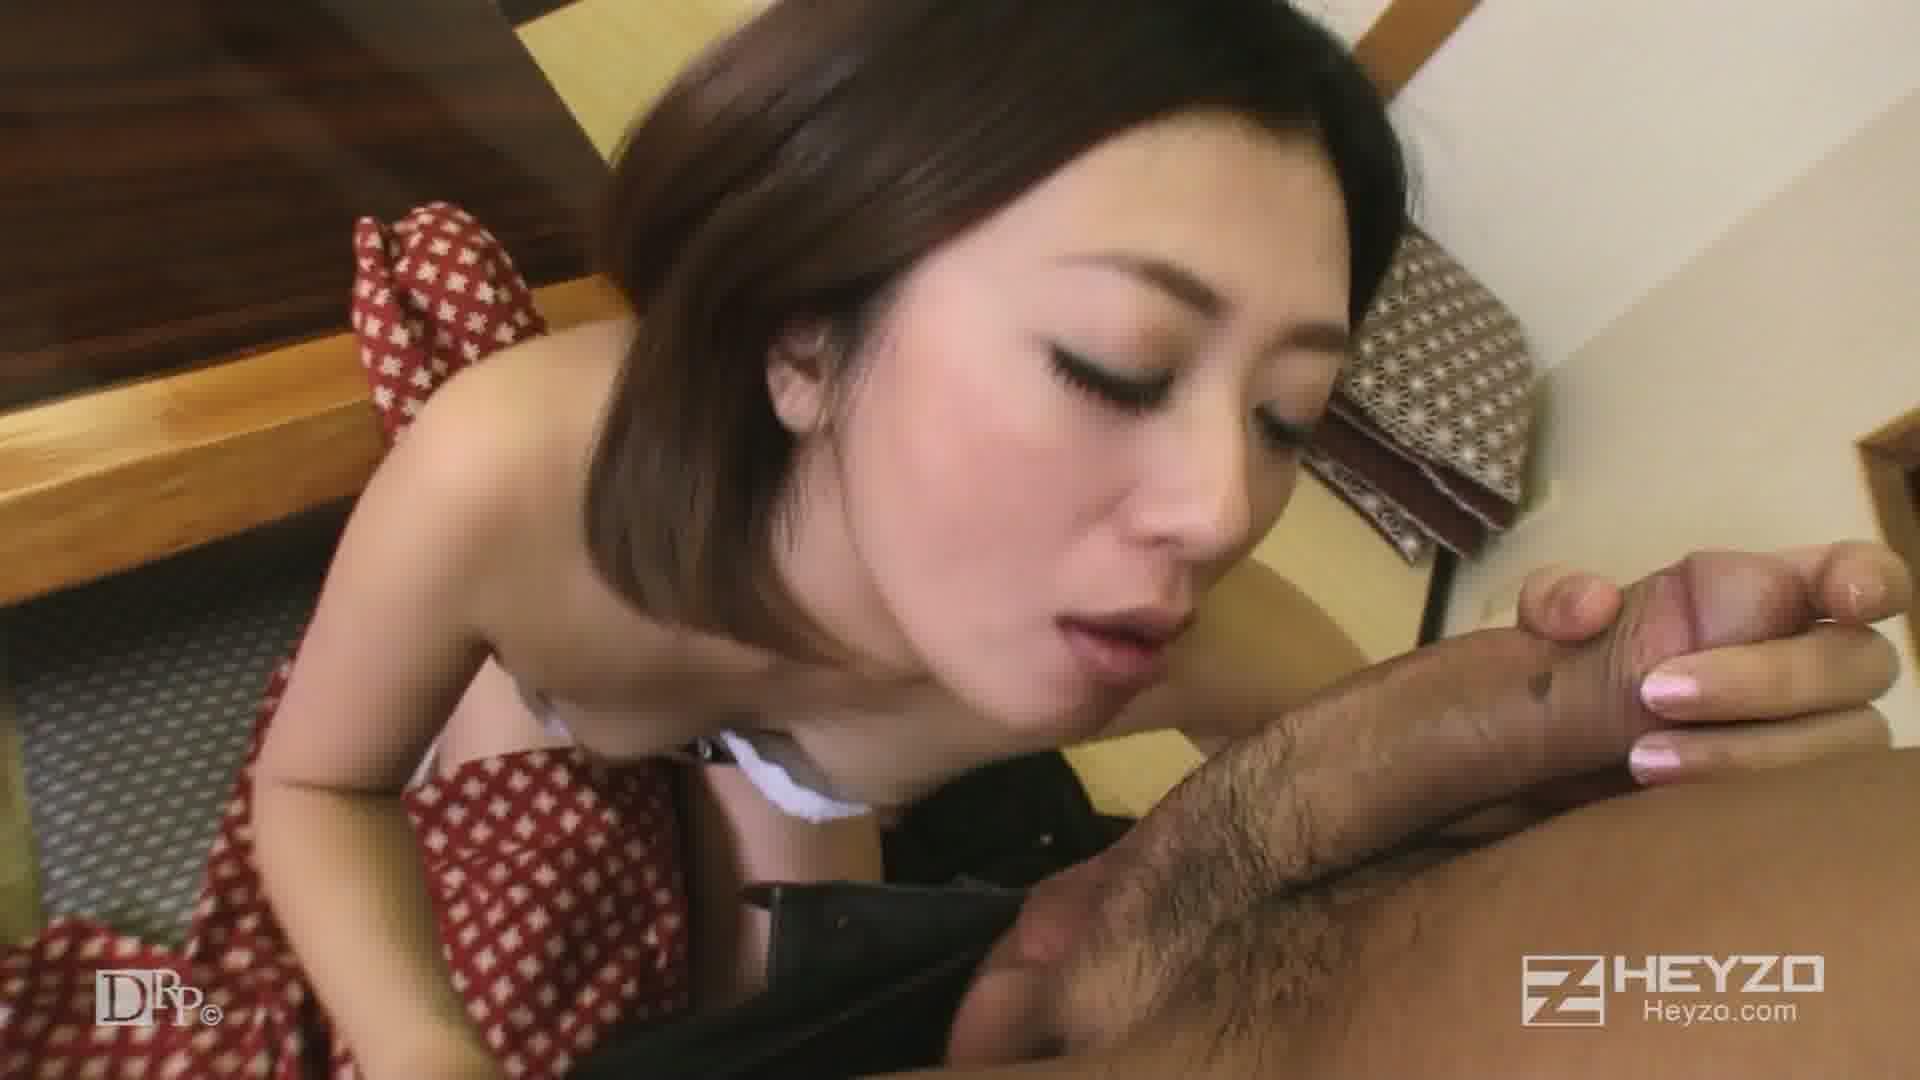 美人仲居さんの裏バイト - 夏川美久【指マン フェラ パイズリ】